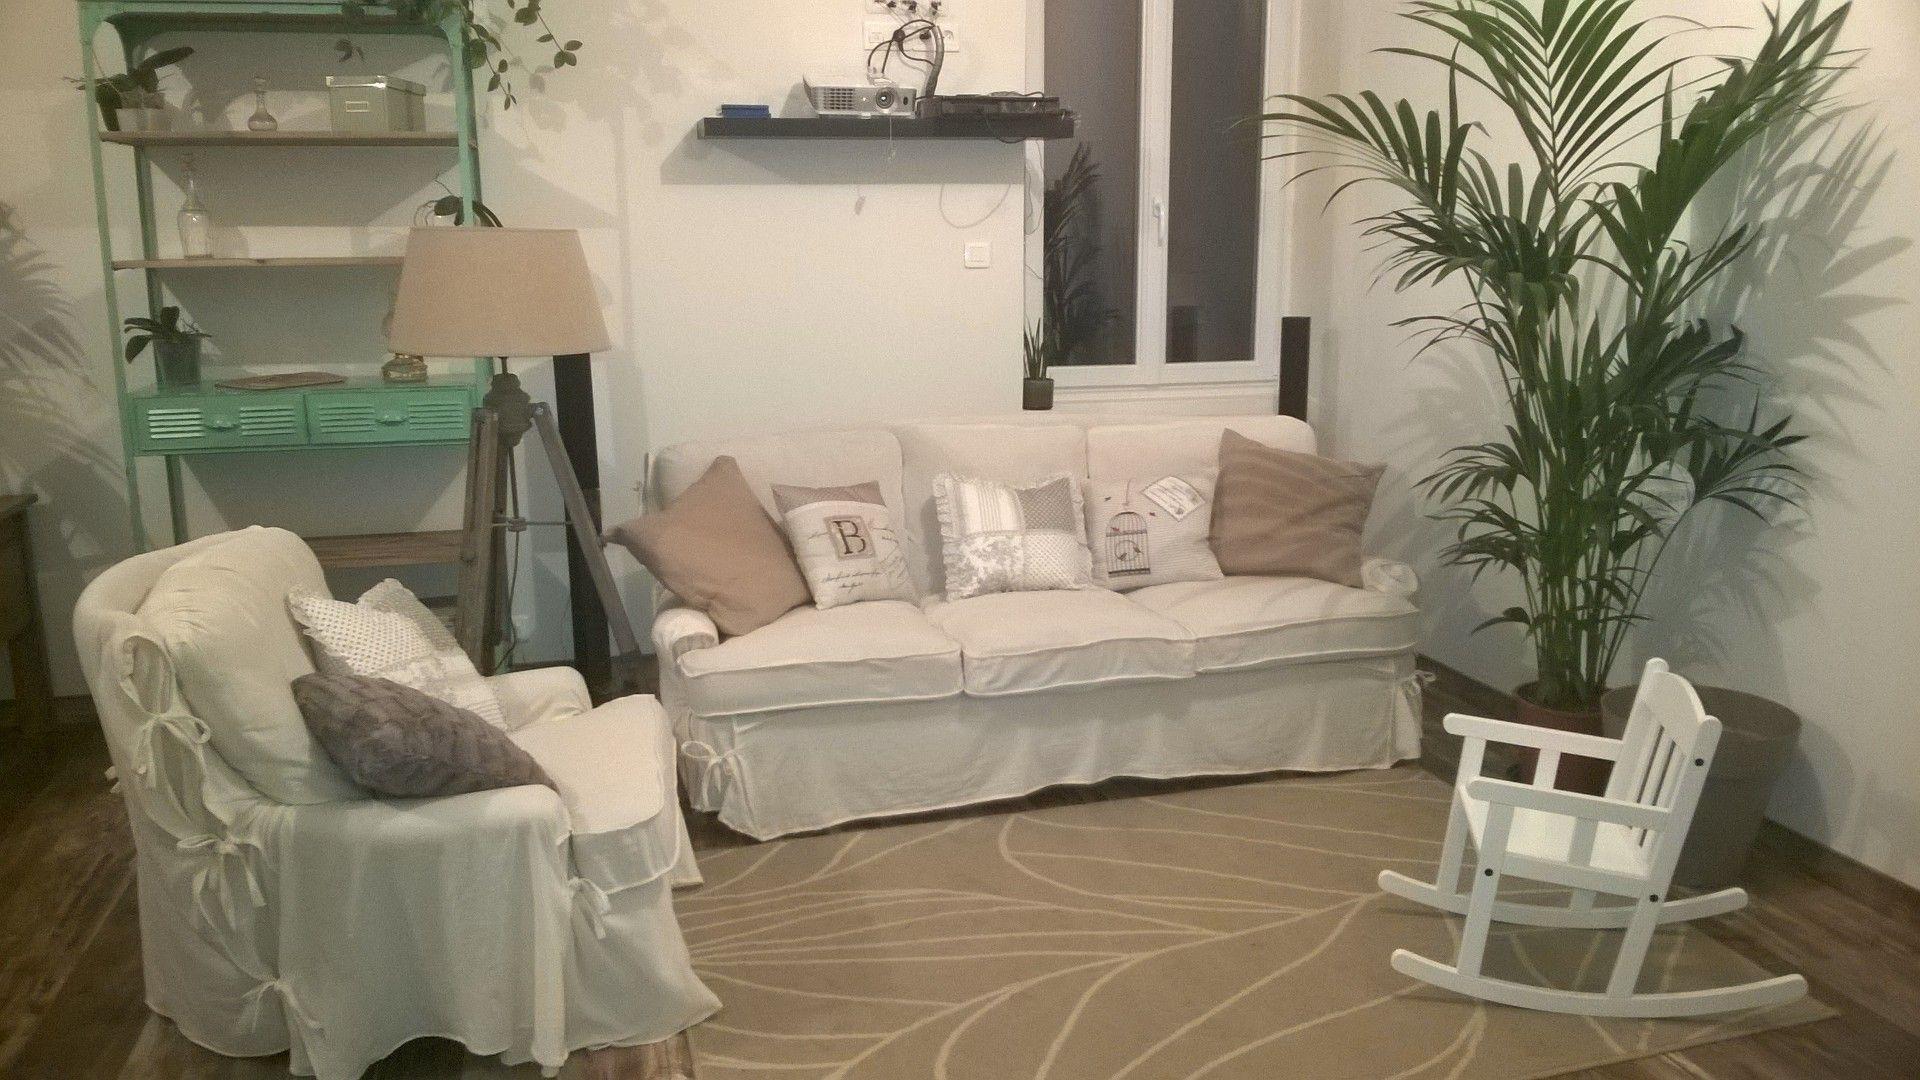 Le vieux canapé en cuir... Pas très beau mais hyper confortable!  Après un petit relooking voilà ce que ça donne!